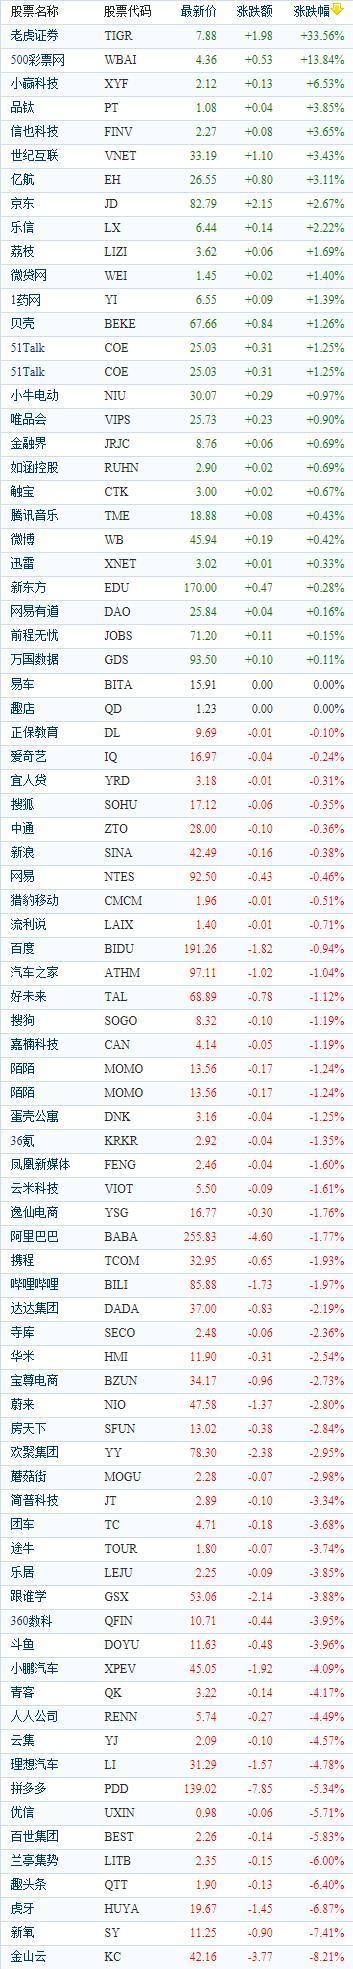 中国概念股周二收盘涨跌互现 小赢科技上涨6.53%